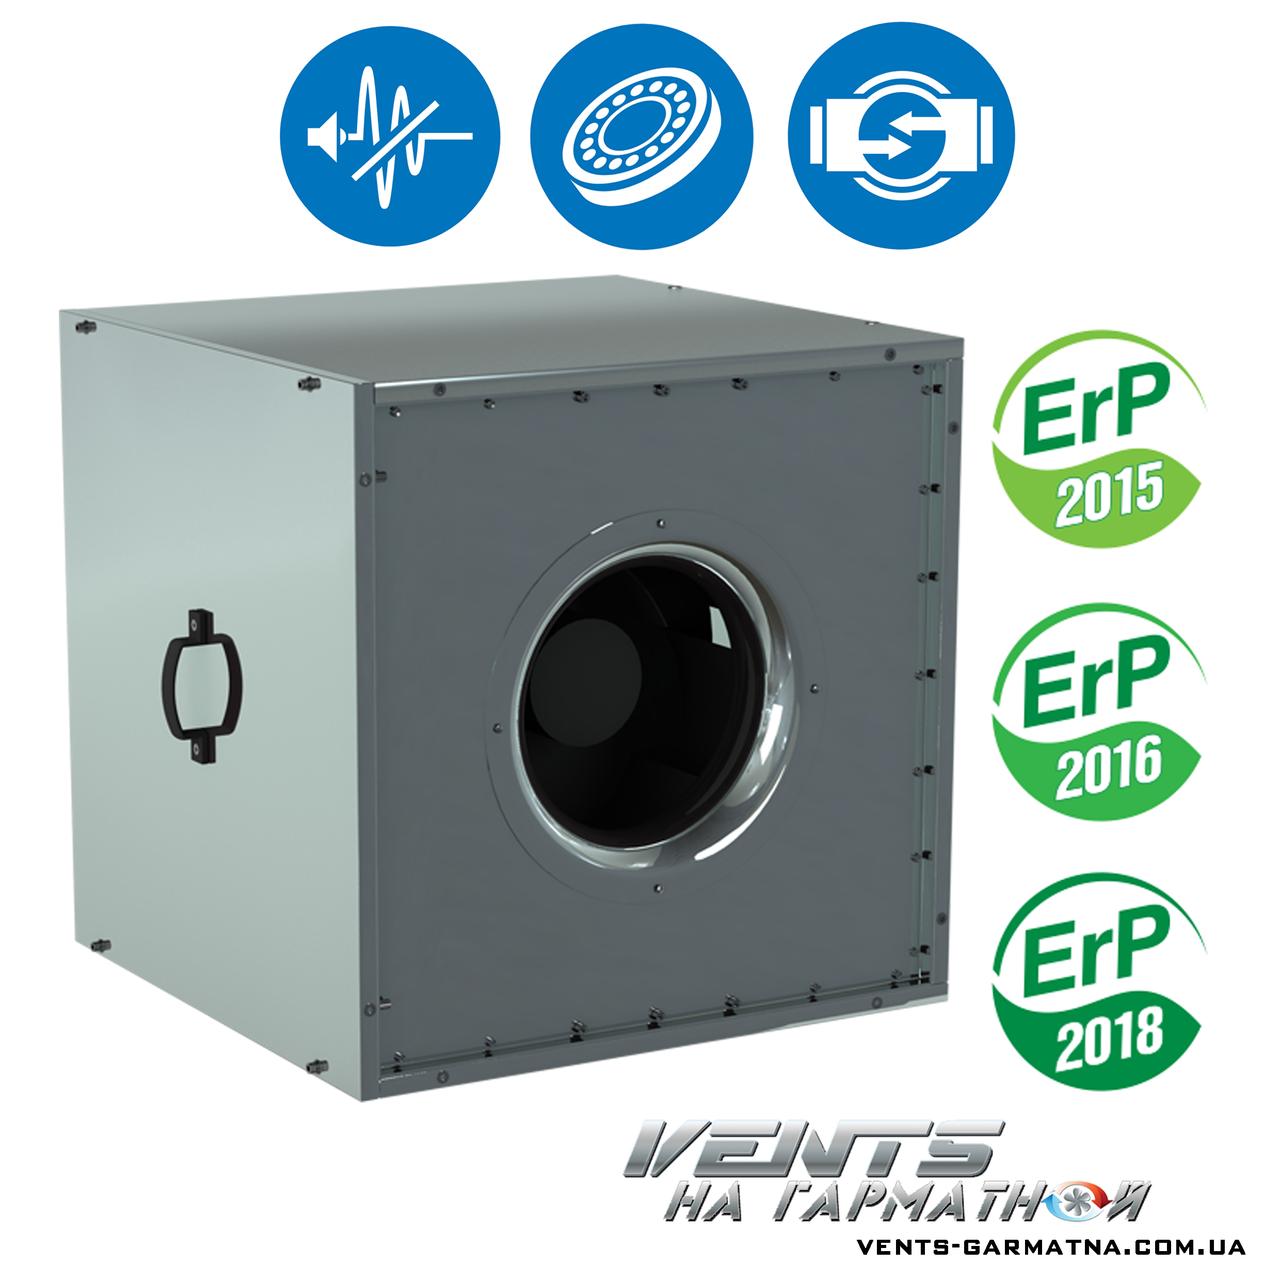 Вентс ВШ 500 4Д. Шумоизолированный вентилятор